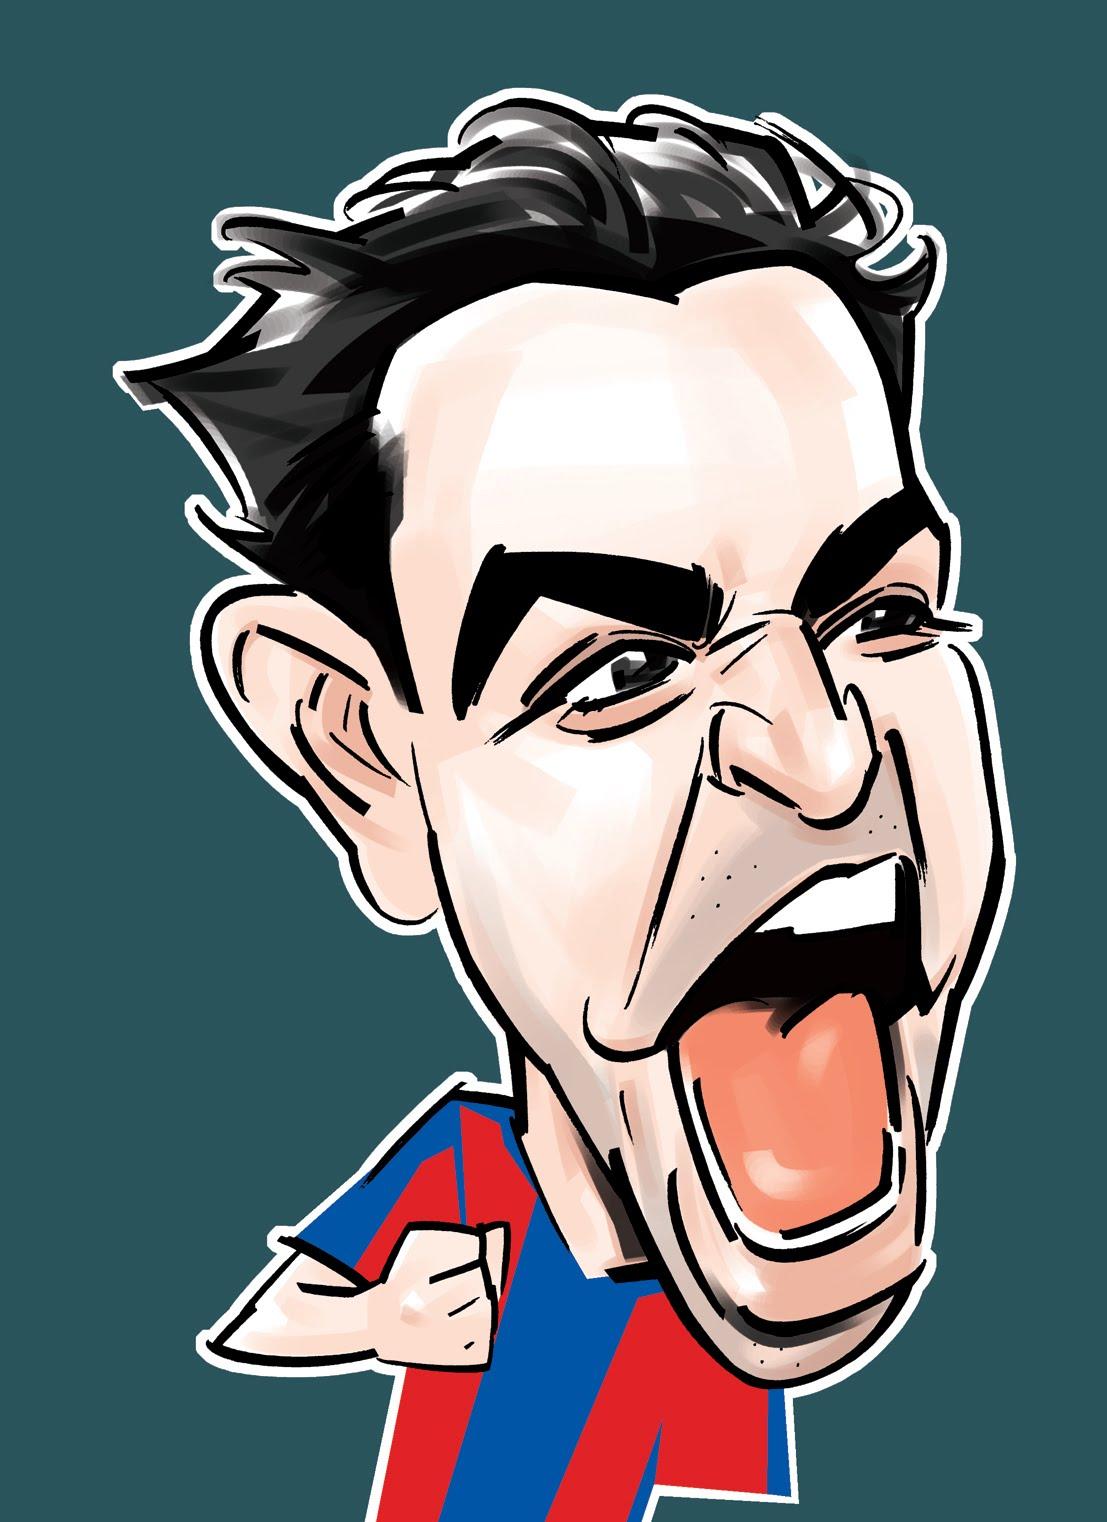 Download Karikatur Pemain Bola Gratis Mari Kitashare